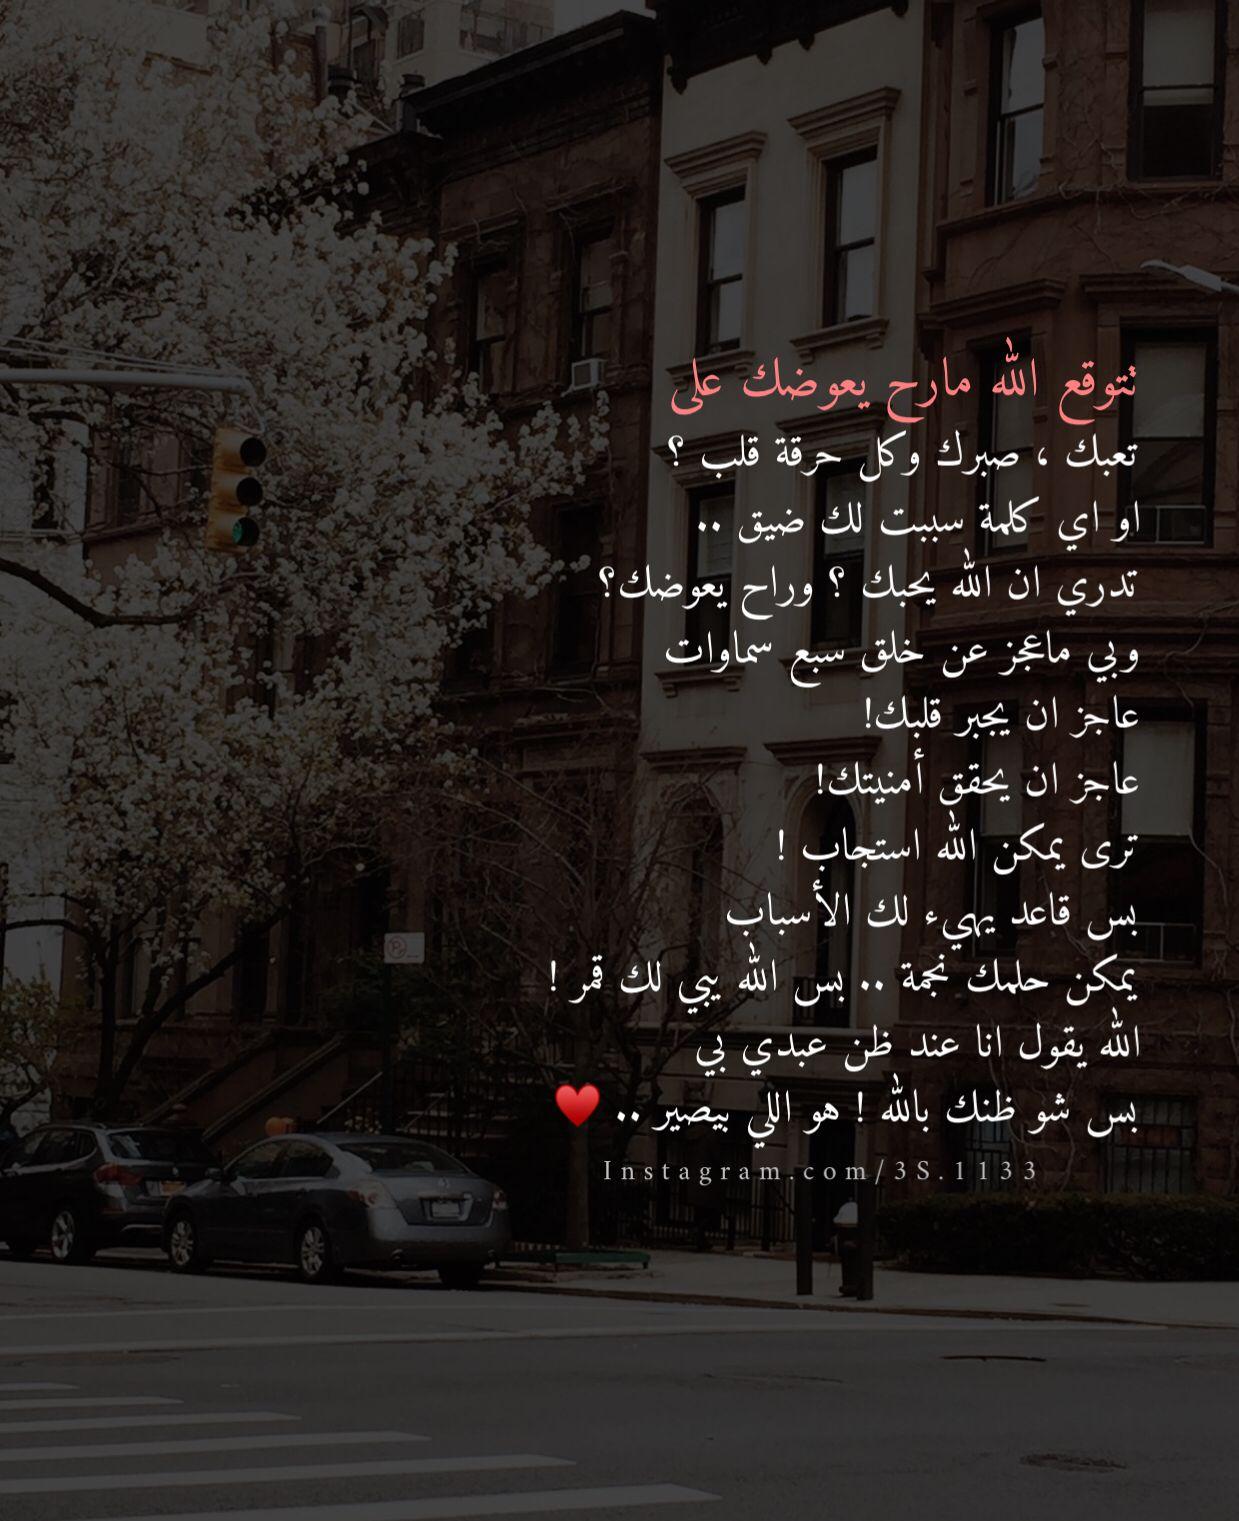 تصميم اقتباس انستقرام الله ربي استجابة دعاء Neon Signs Poster Quotes